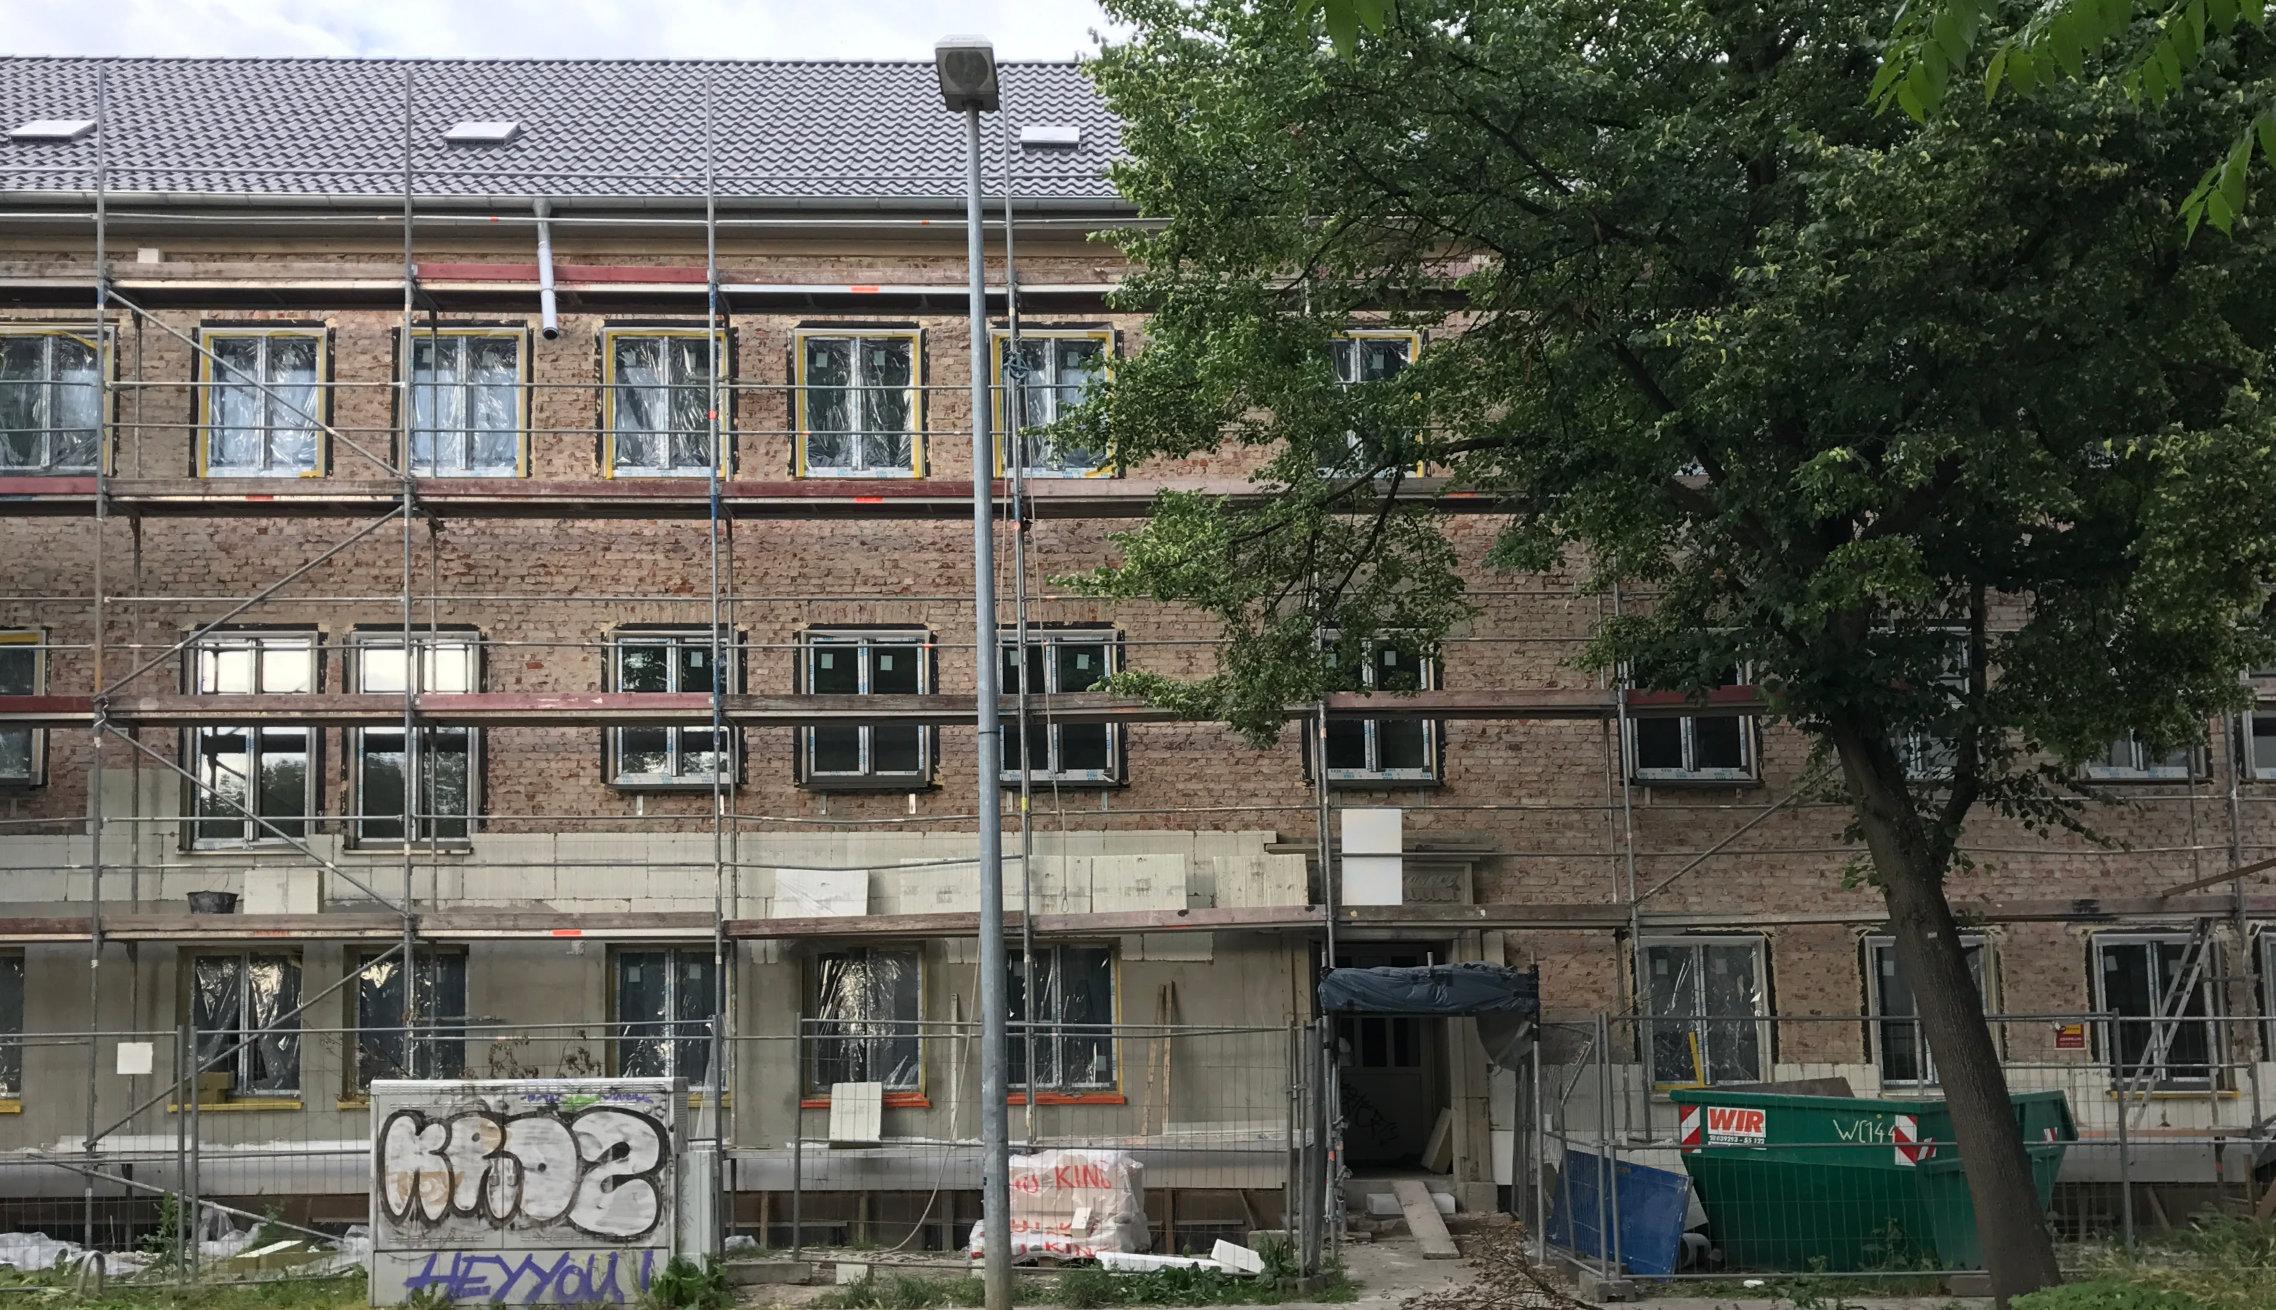 Altbausanierung Firma in Sachsen-Anhalt führt auch Bausanierungen durch